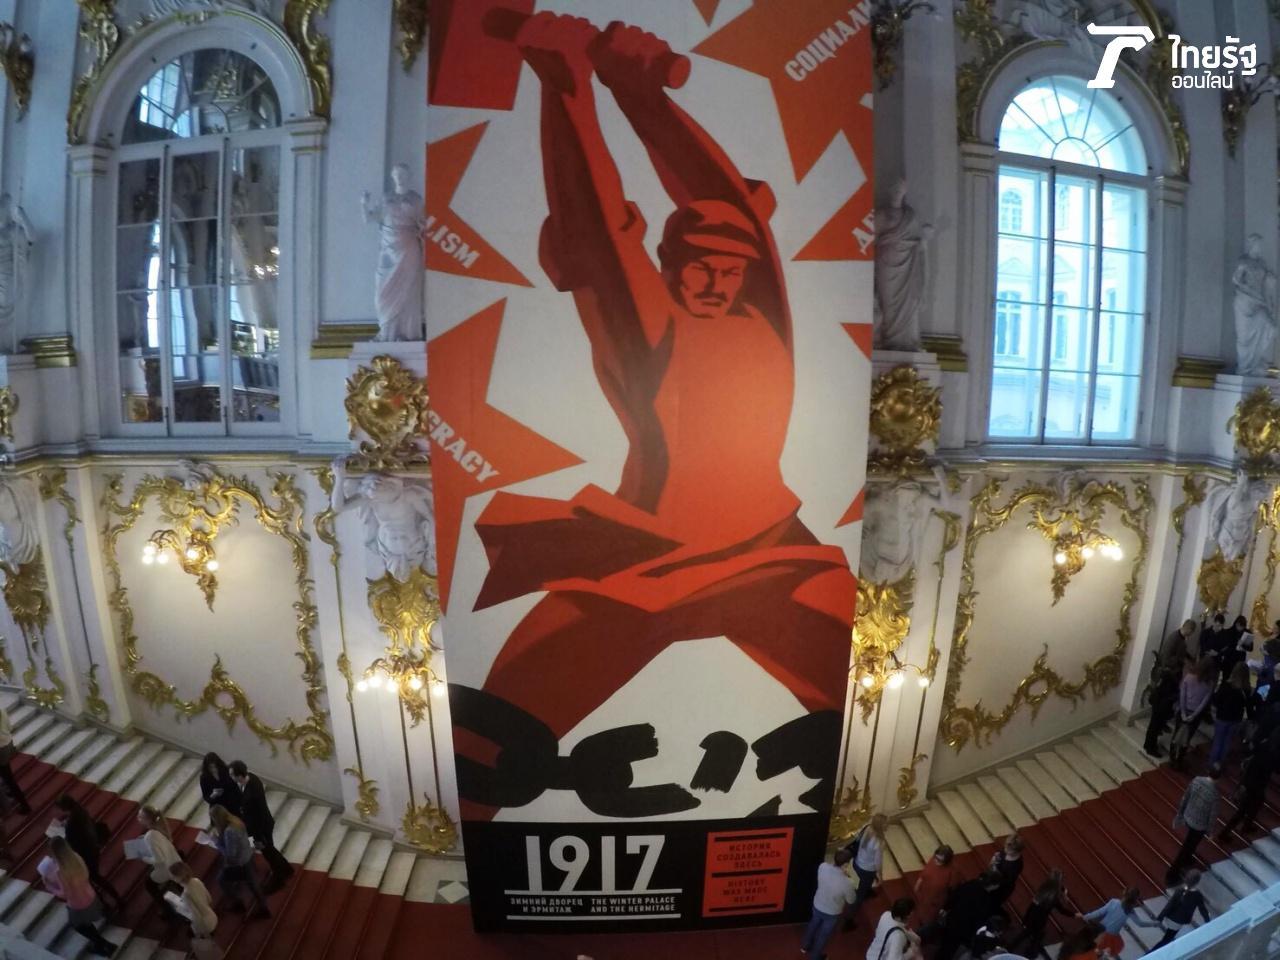 (ปี 2017 ครบ 100 ปีปฏิวัติรัสเซีย)